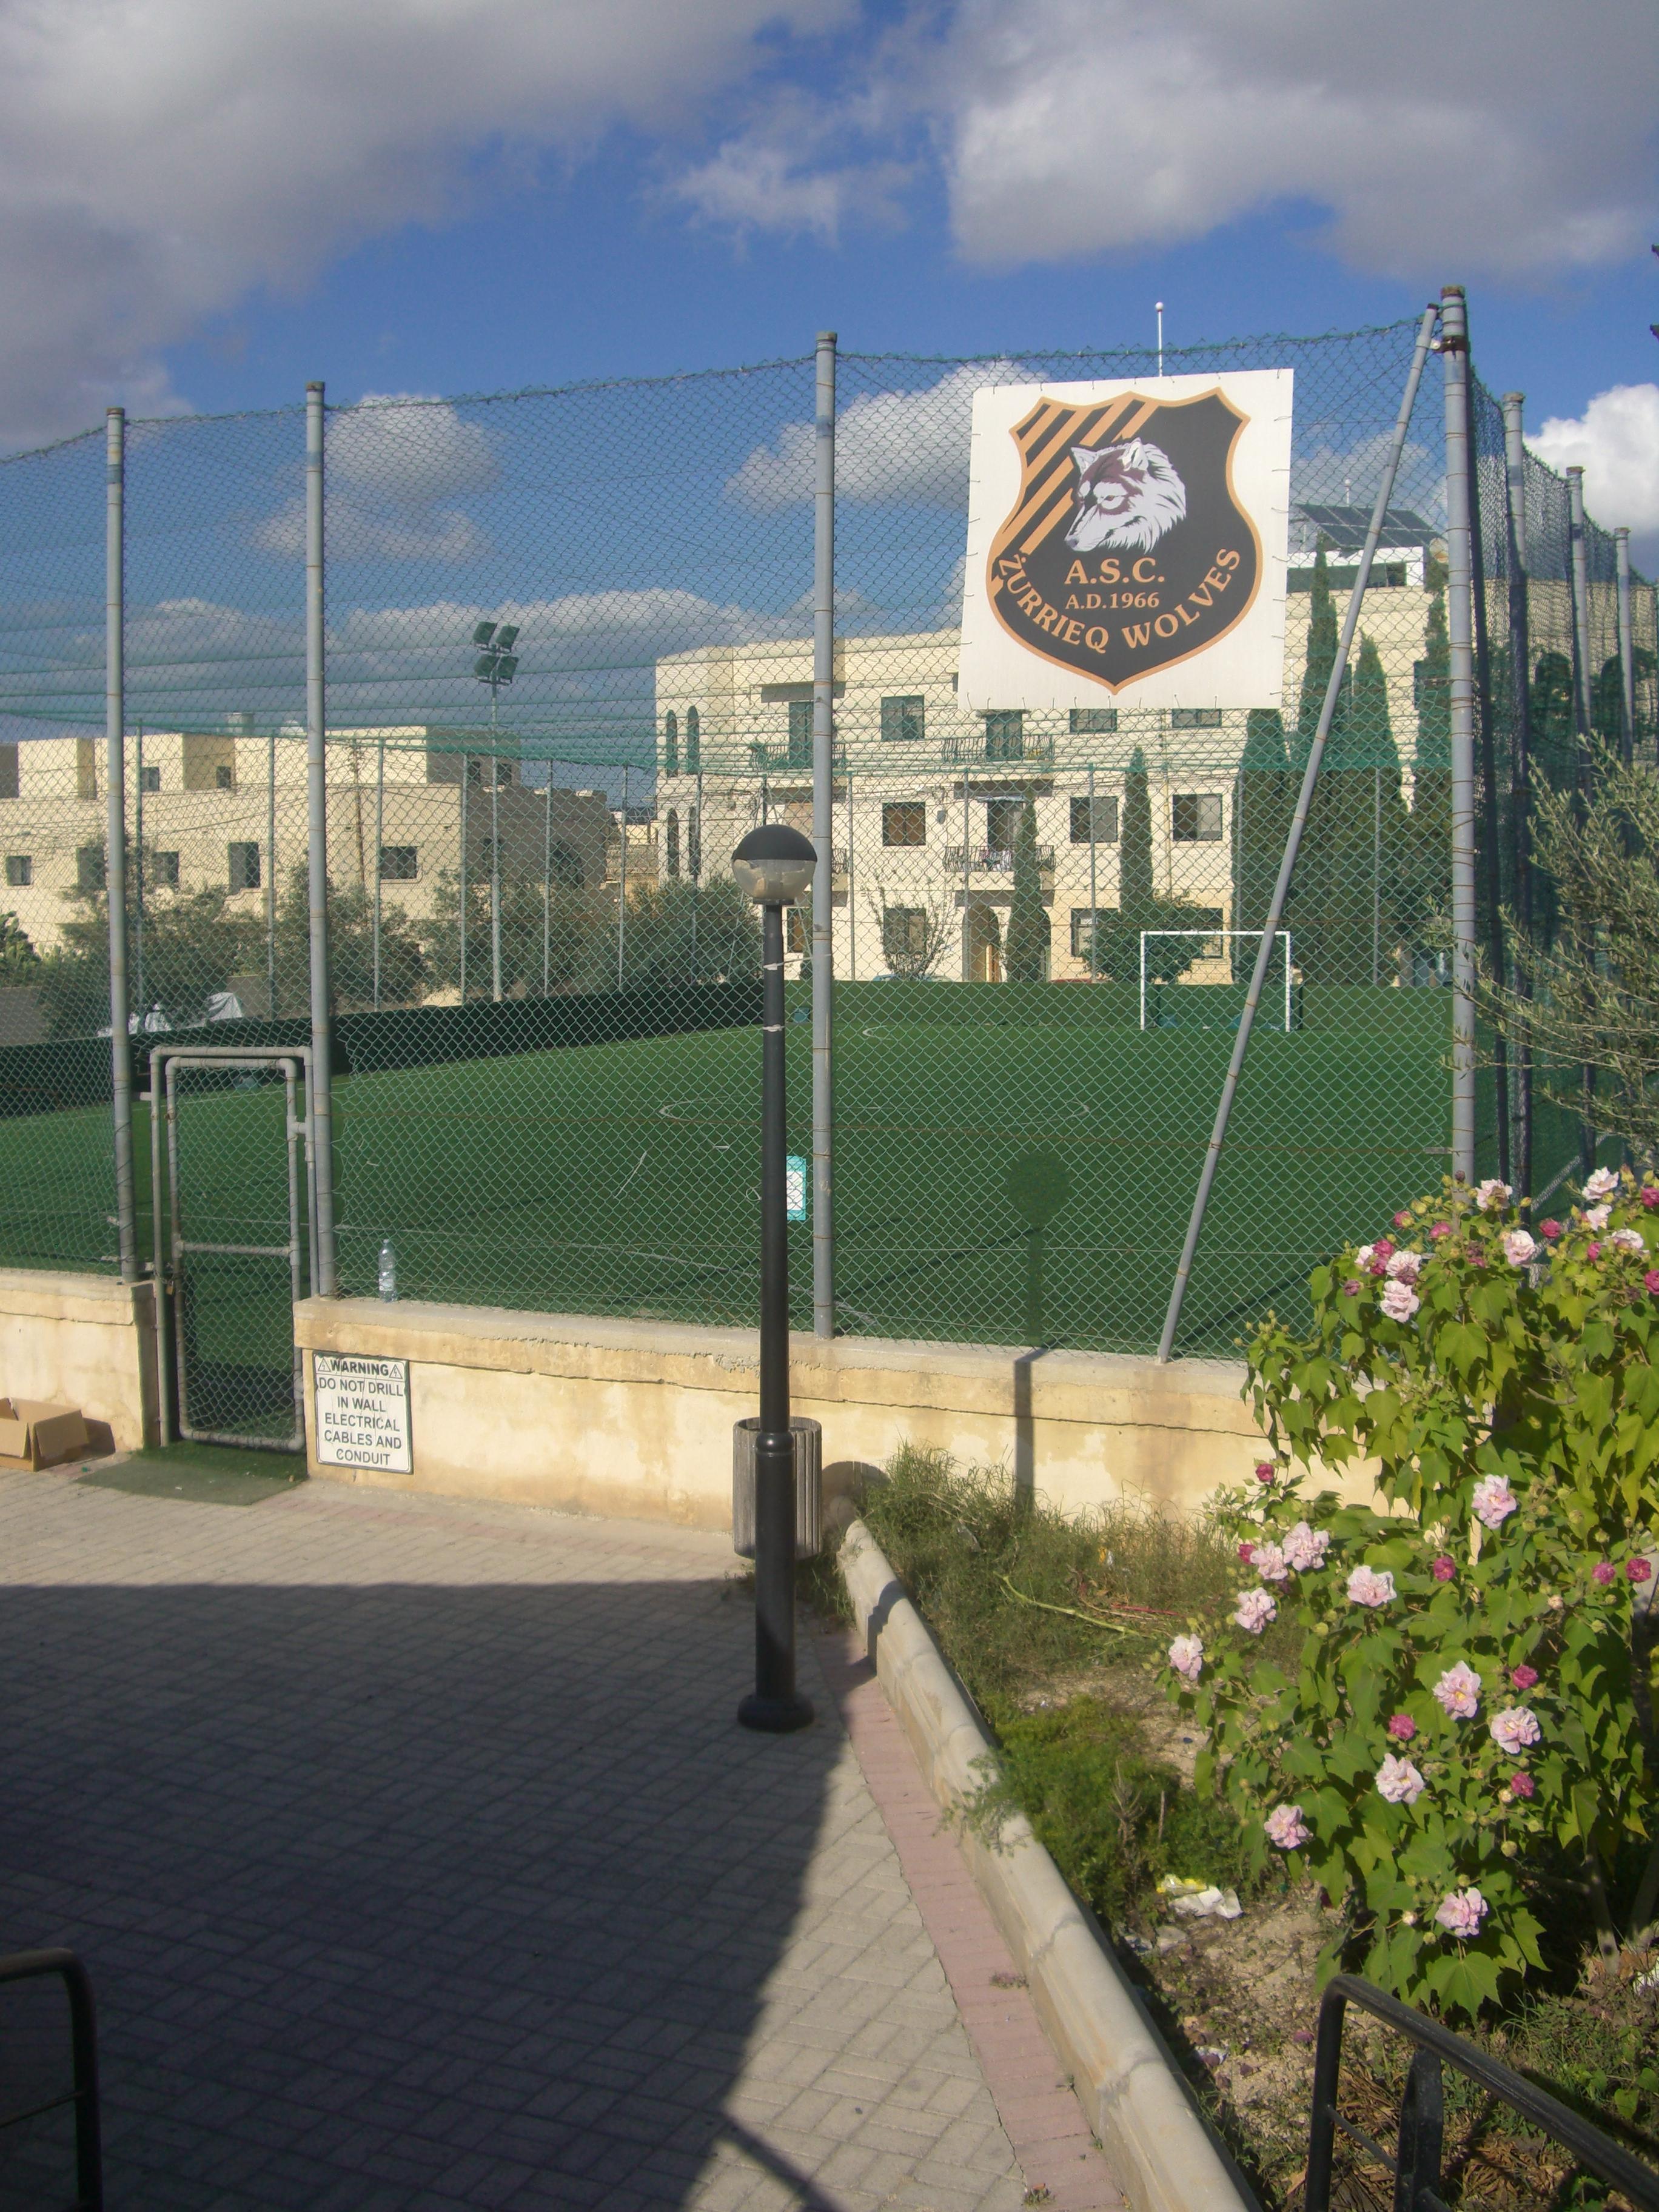 Zurrieq Wolves FC